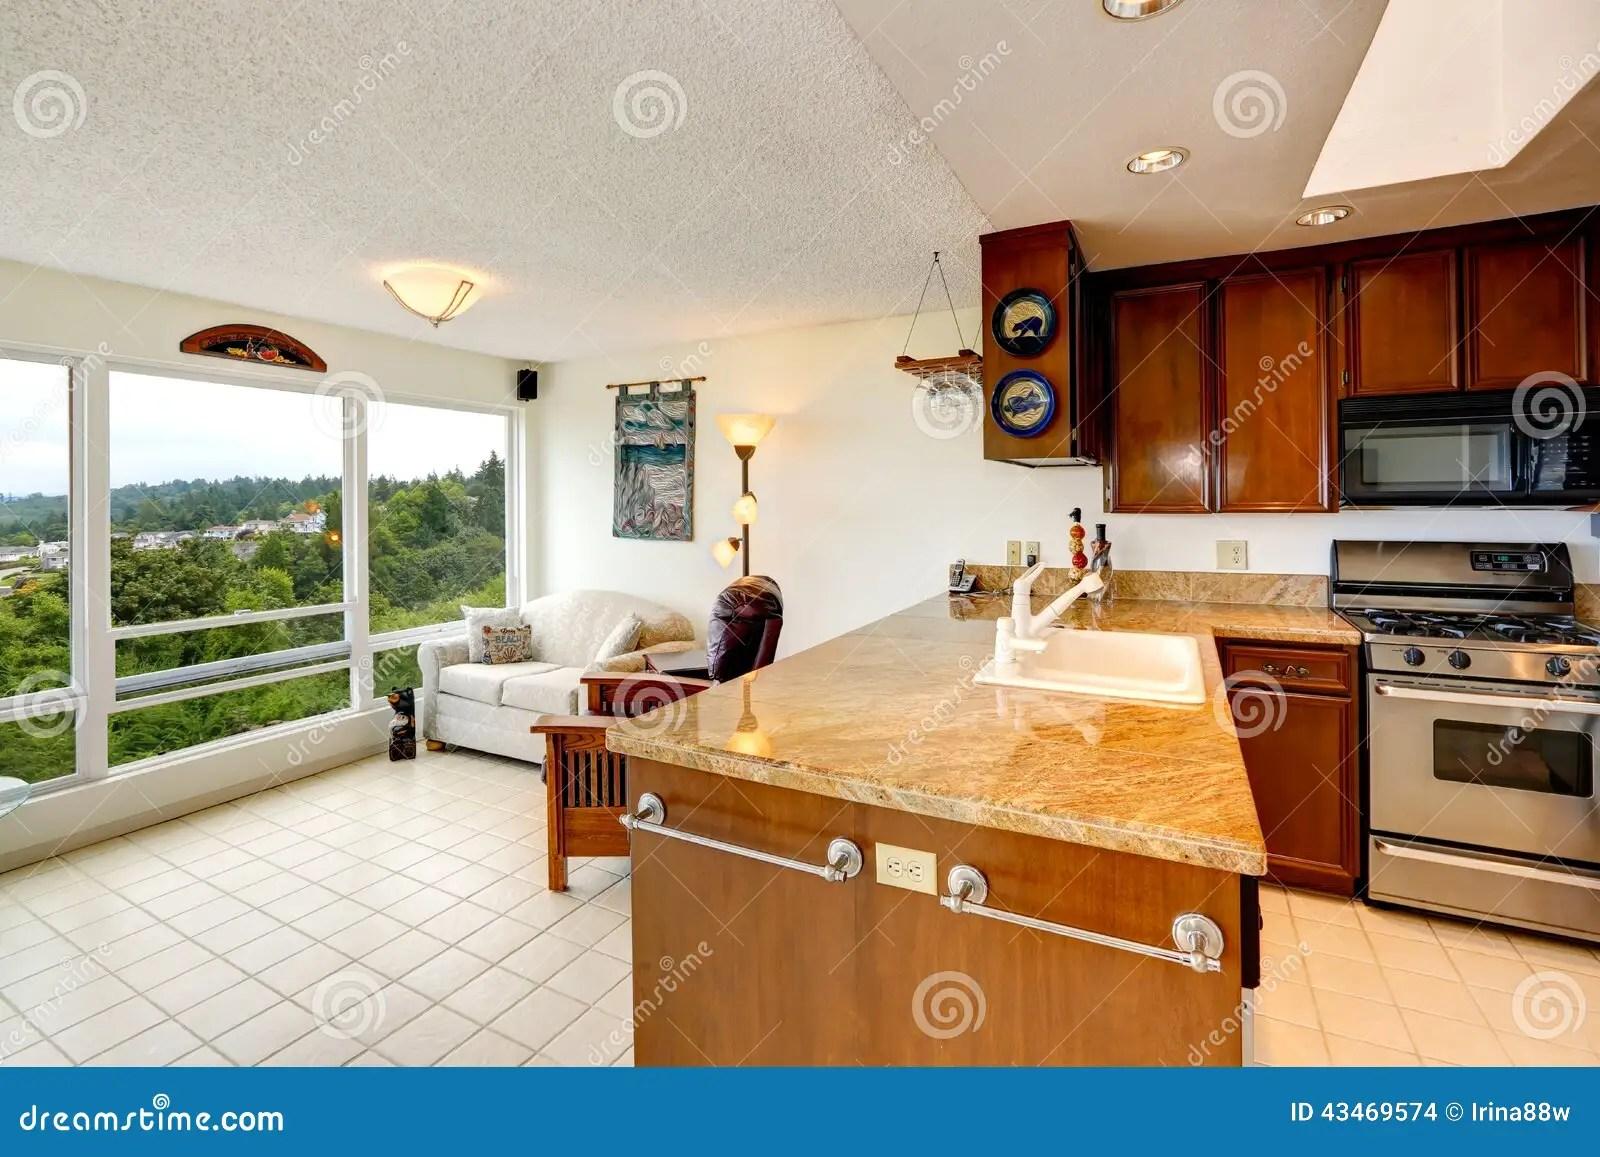 Piastrelle cucina vetro piastrelle cucina grigie disegno